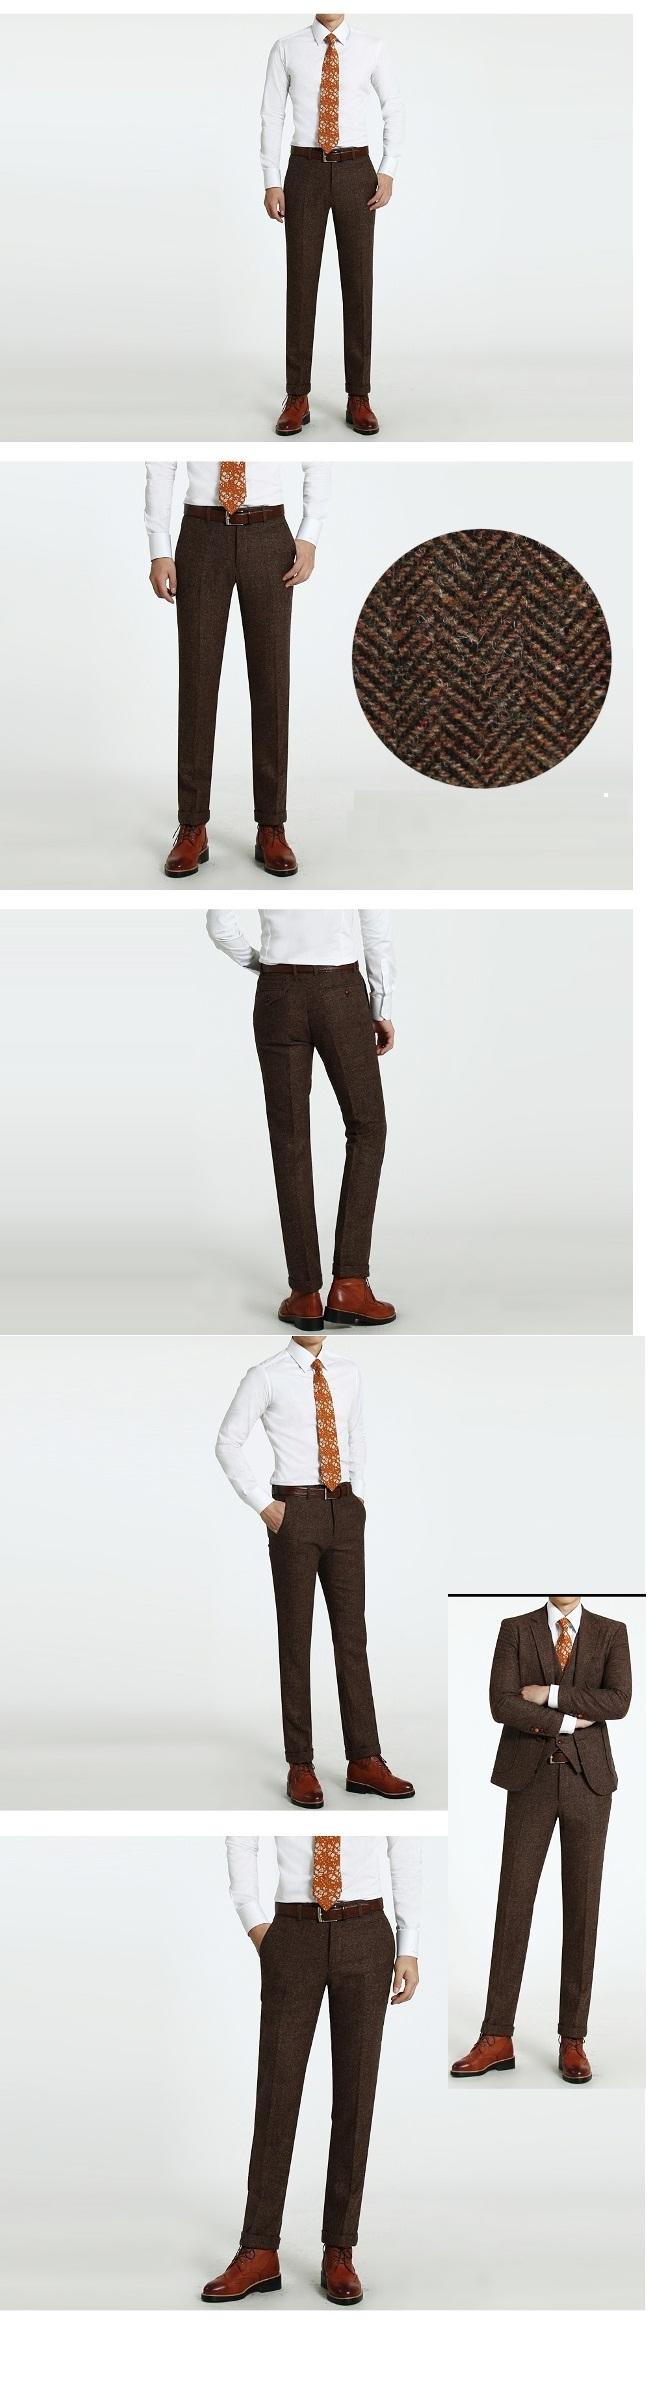 đồng phục quần âu nam 1